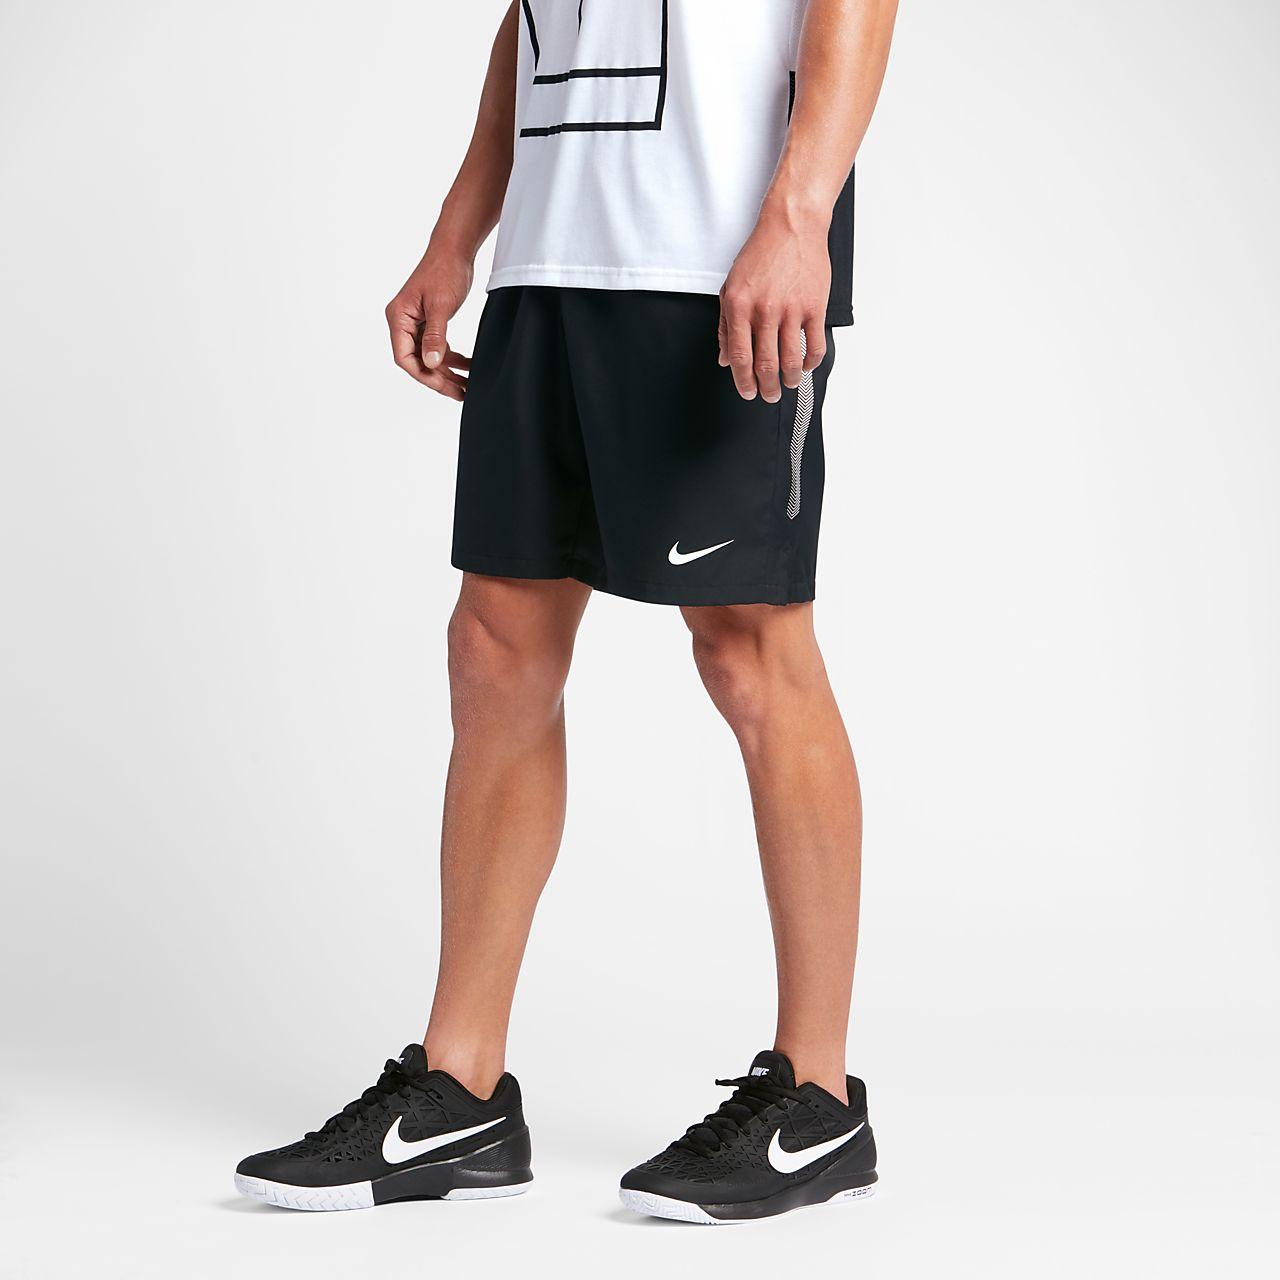 finest selection 98a1d e45d4 NikeCourt Dri-FIT tennisshorts for herre (23 cm)